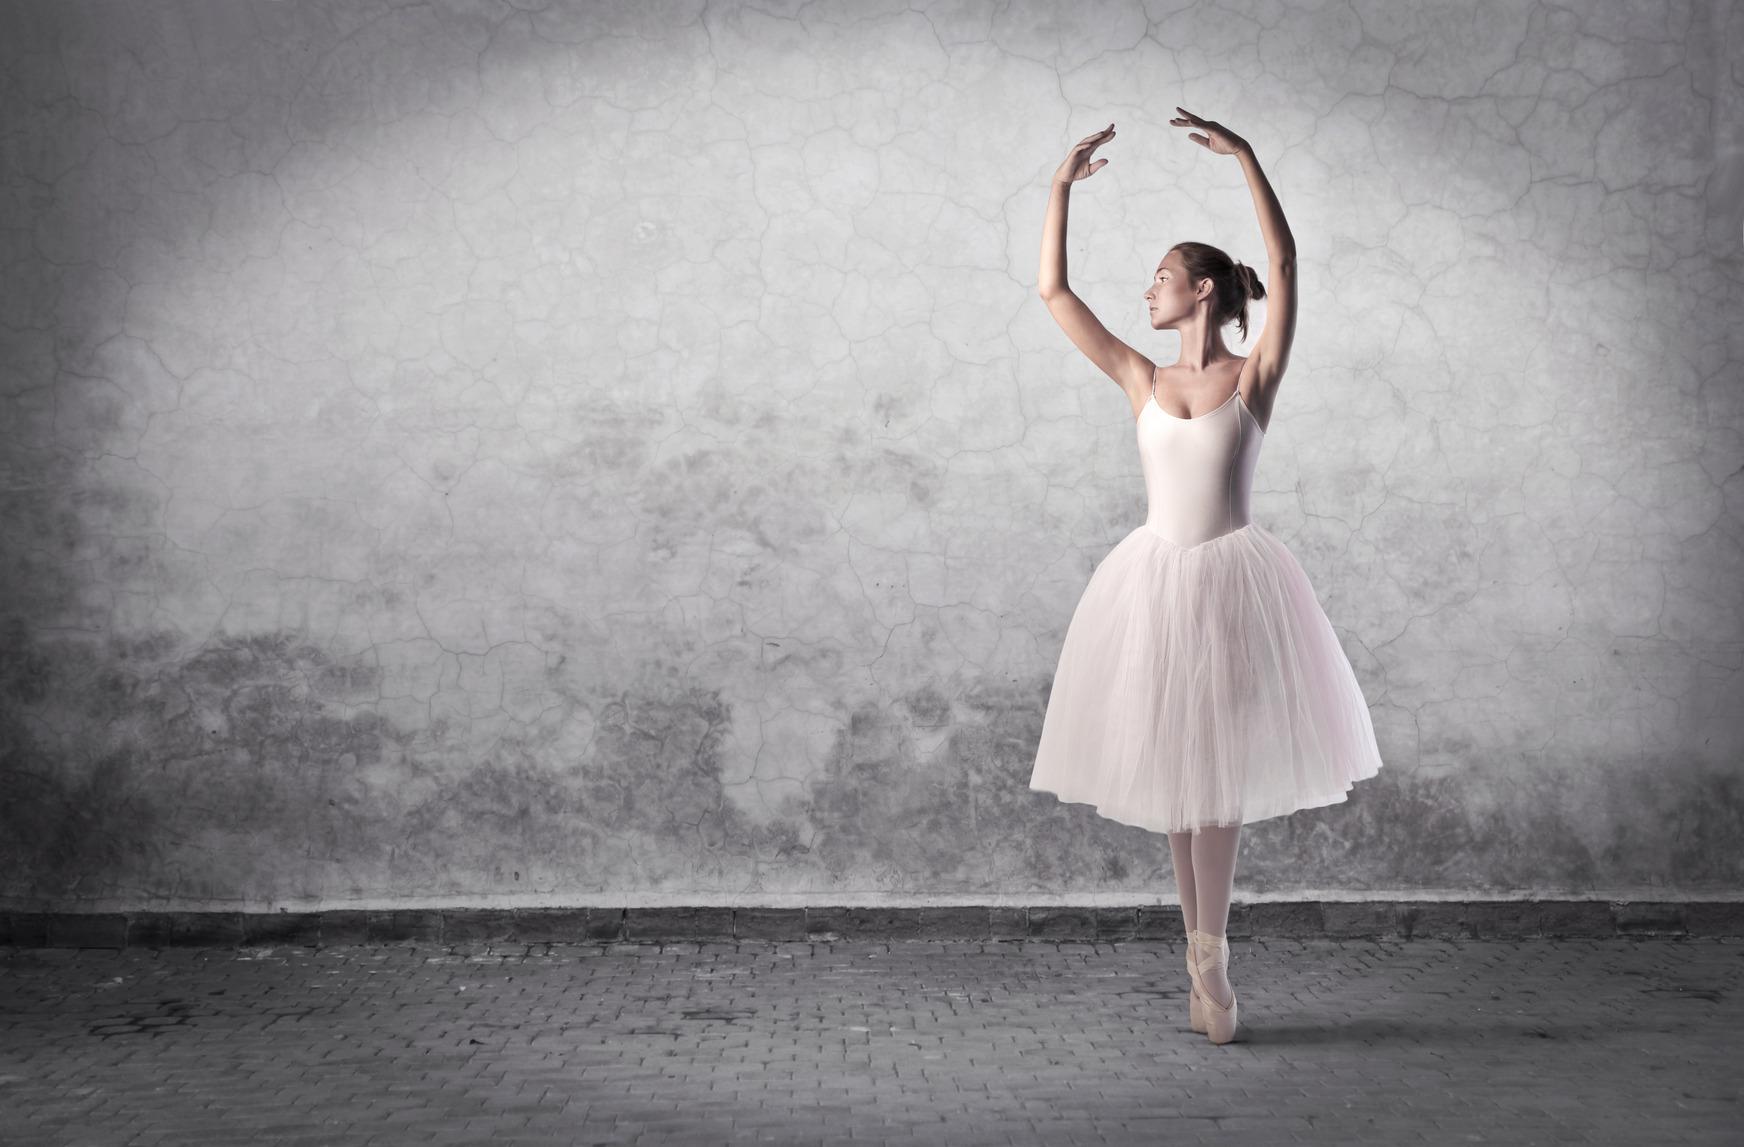 рамки для фото с балетом удаления бактерий